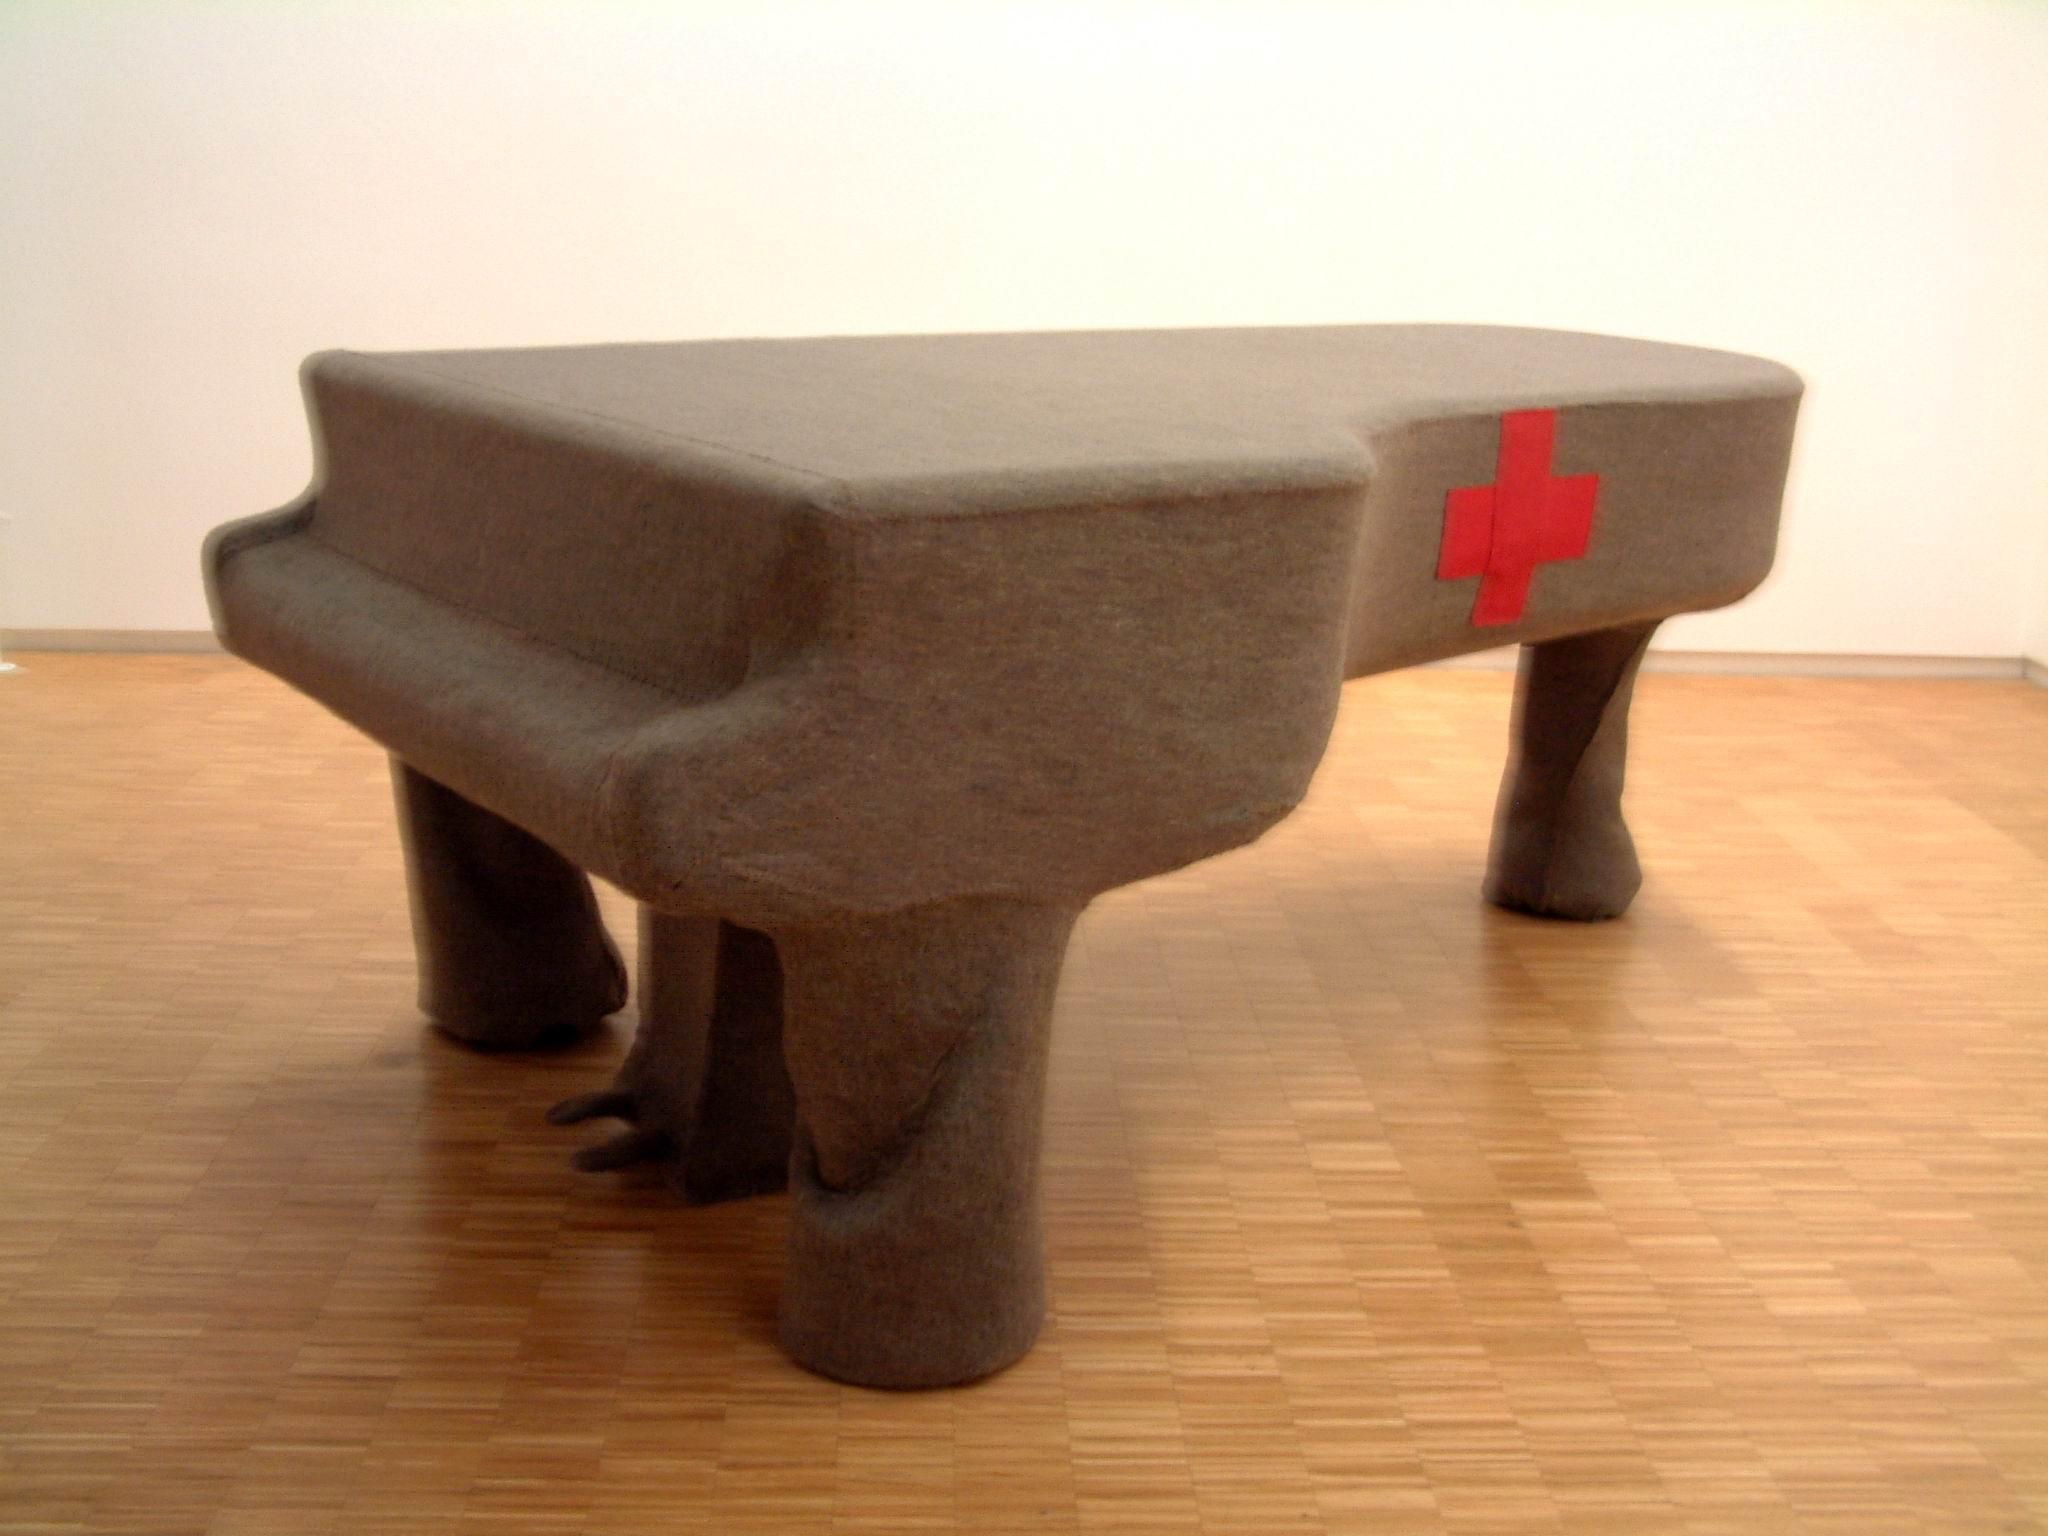 056 Joseph Beuys(1921-86)a1966 100x152x240